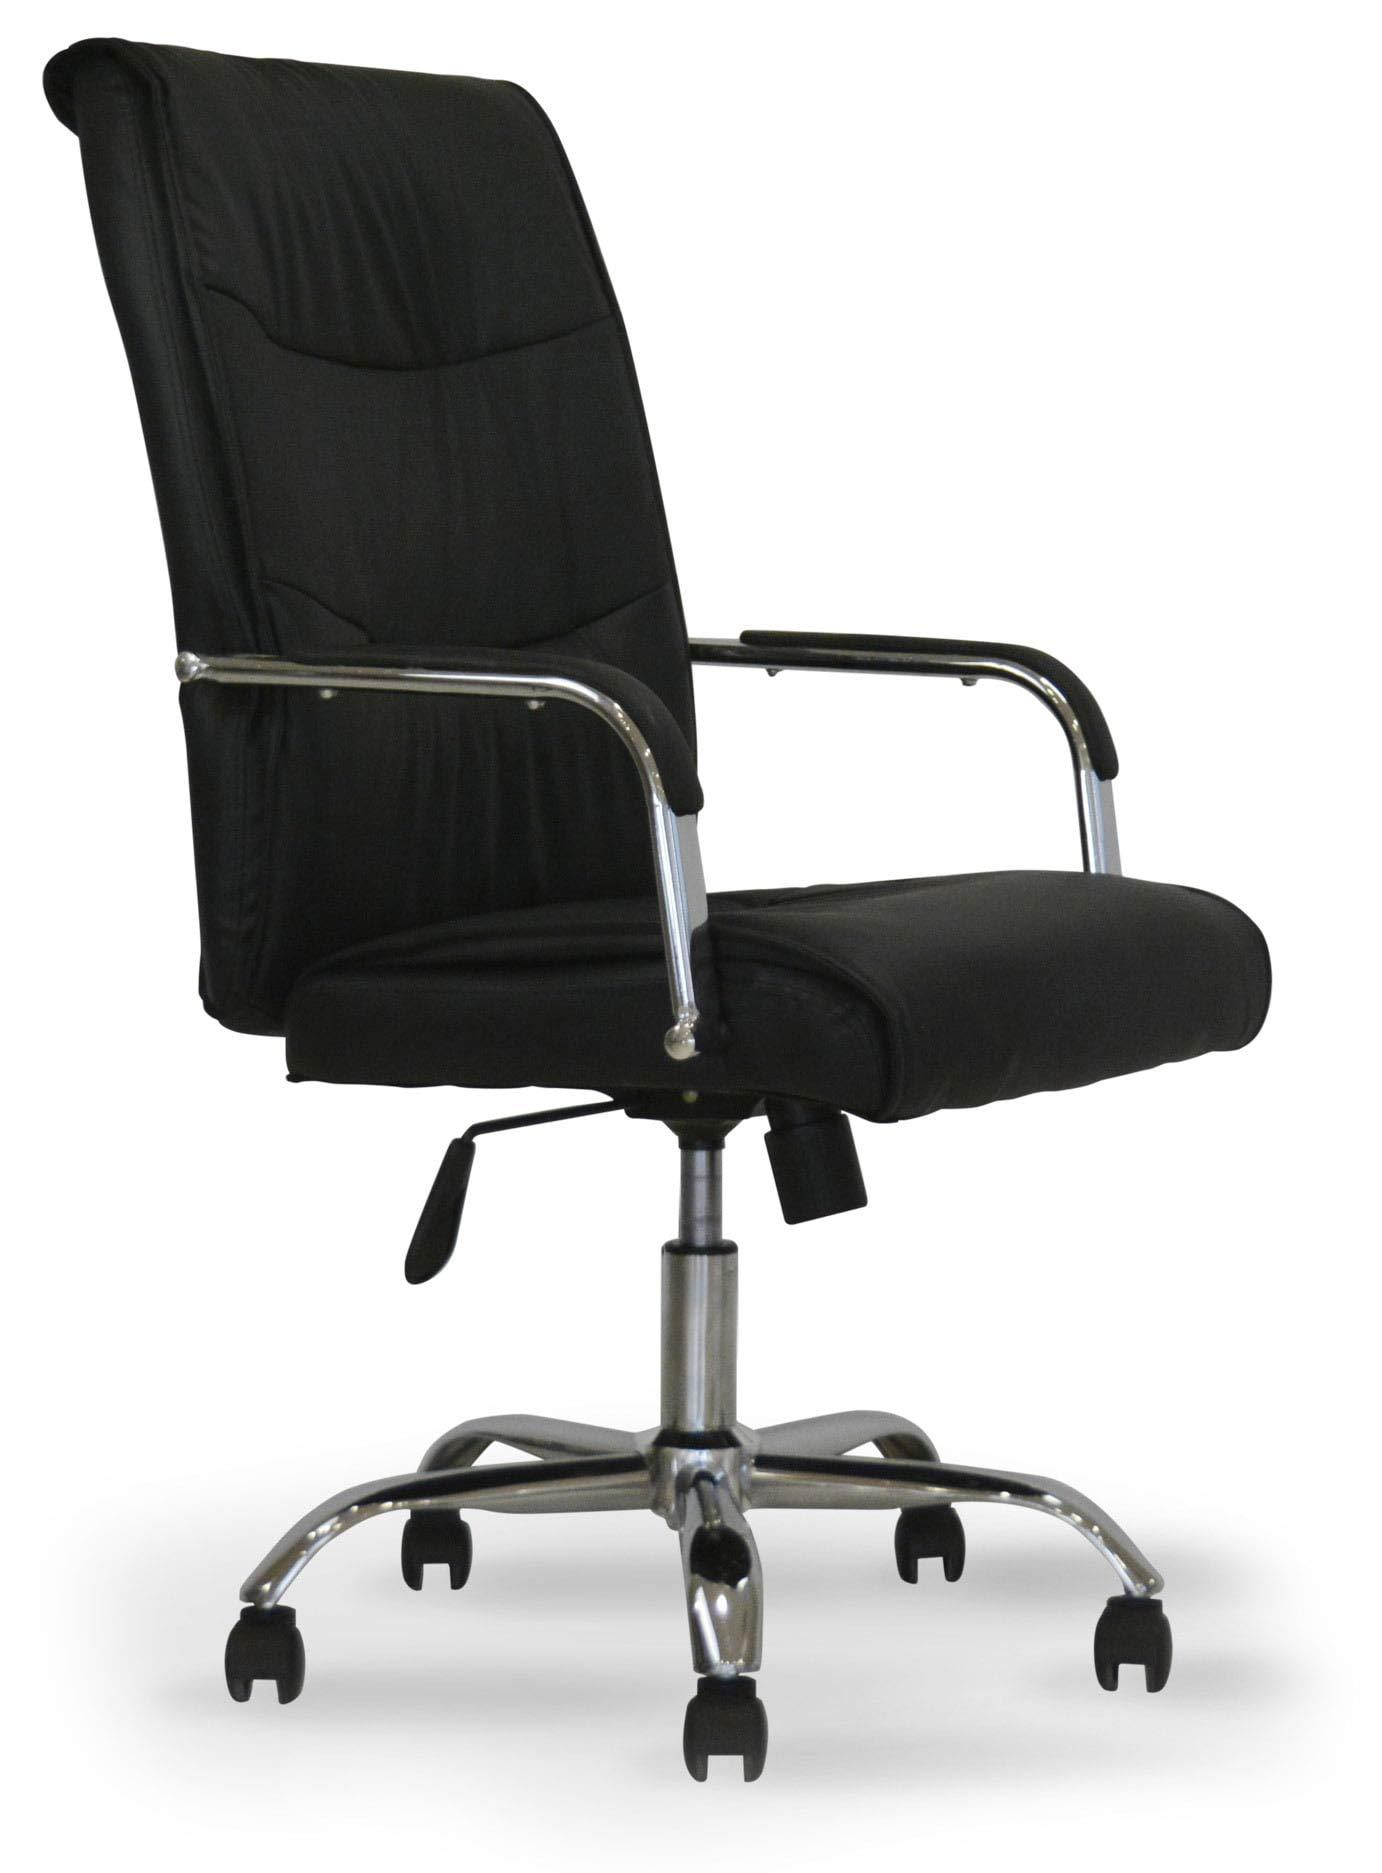 Piushopping Sedia da scrivania Poltrona ufficio confortevole con braccioli in eco-pelle nera direzionale regolabile Girevole Operativa Ergonomica studio